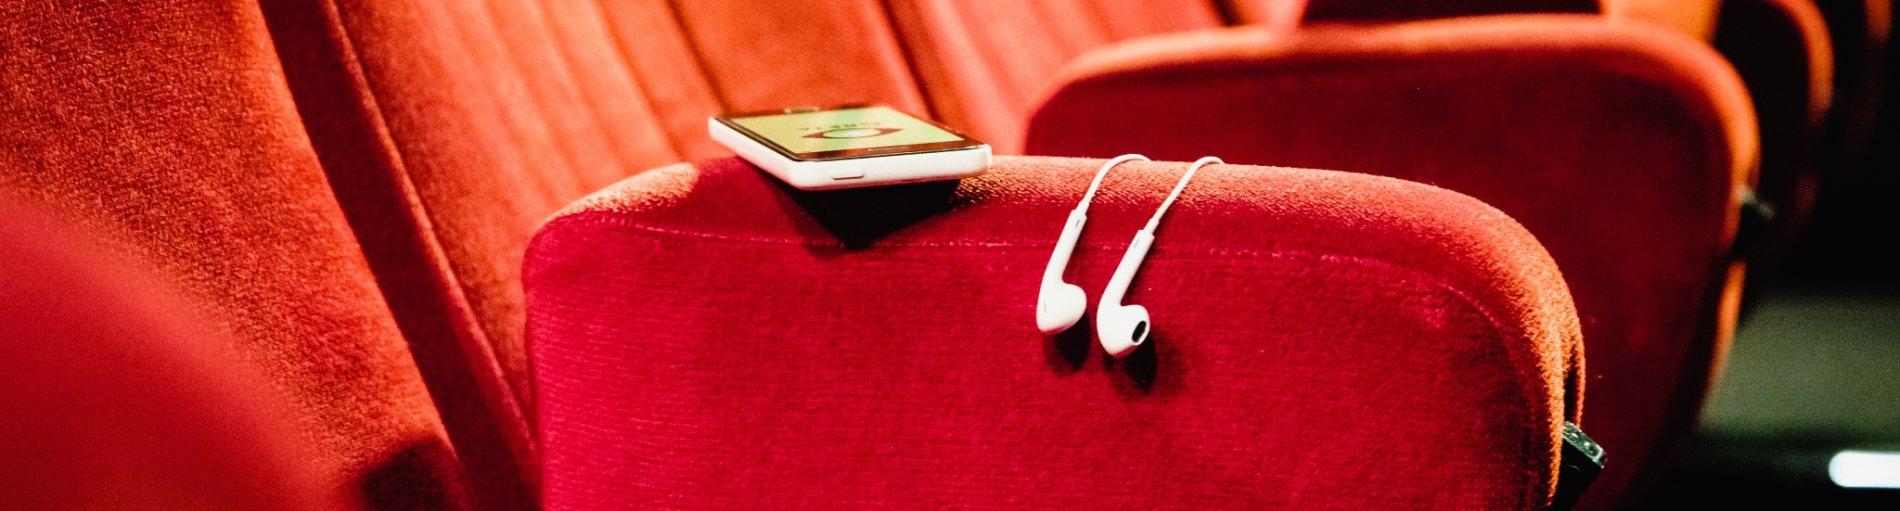 Rote Kinositze, auf einem Sitz liegt ein Smartphone mit Kopfhörern. Auf dem Smartphone ist die GRETA App geladen.